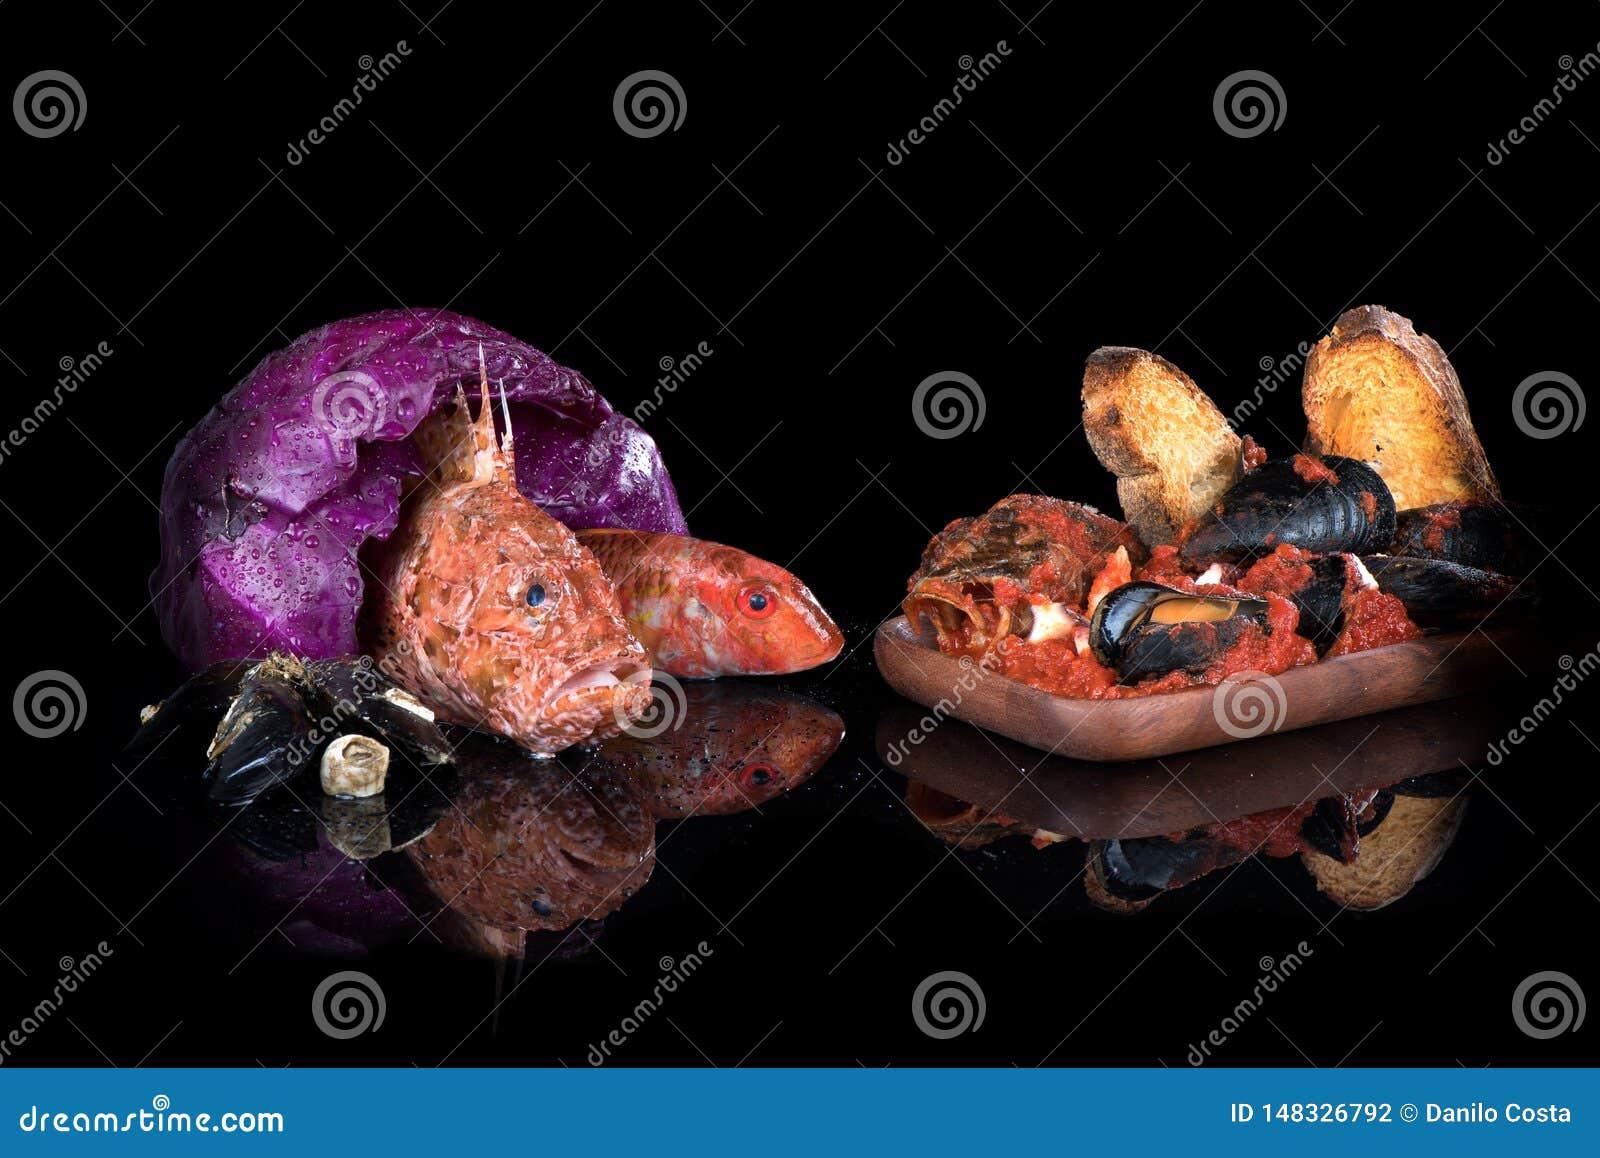 Soupe à poissons, poisson cru, poisson de scorpion, mulet rouge, crabes